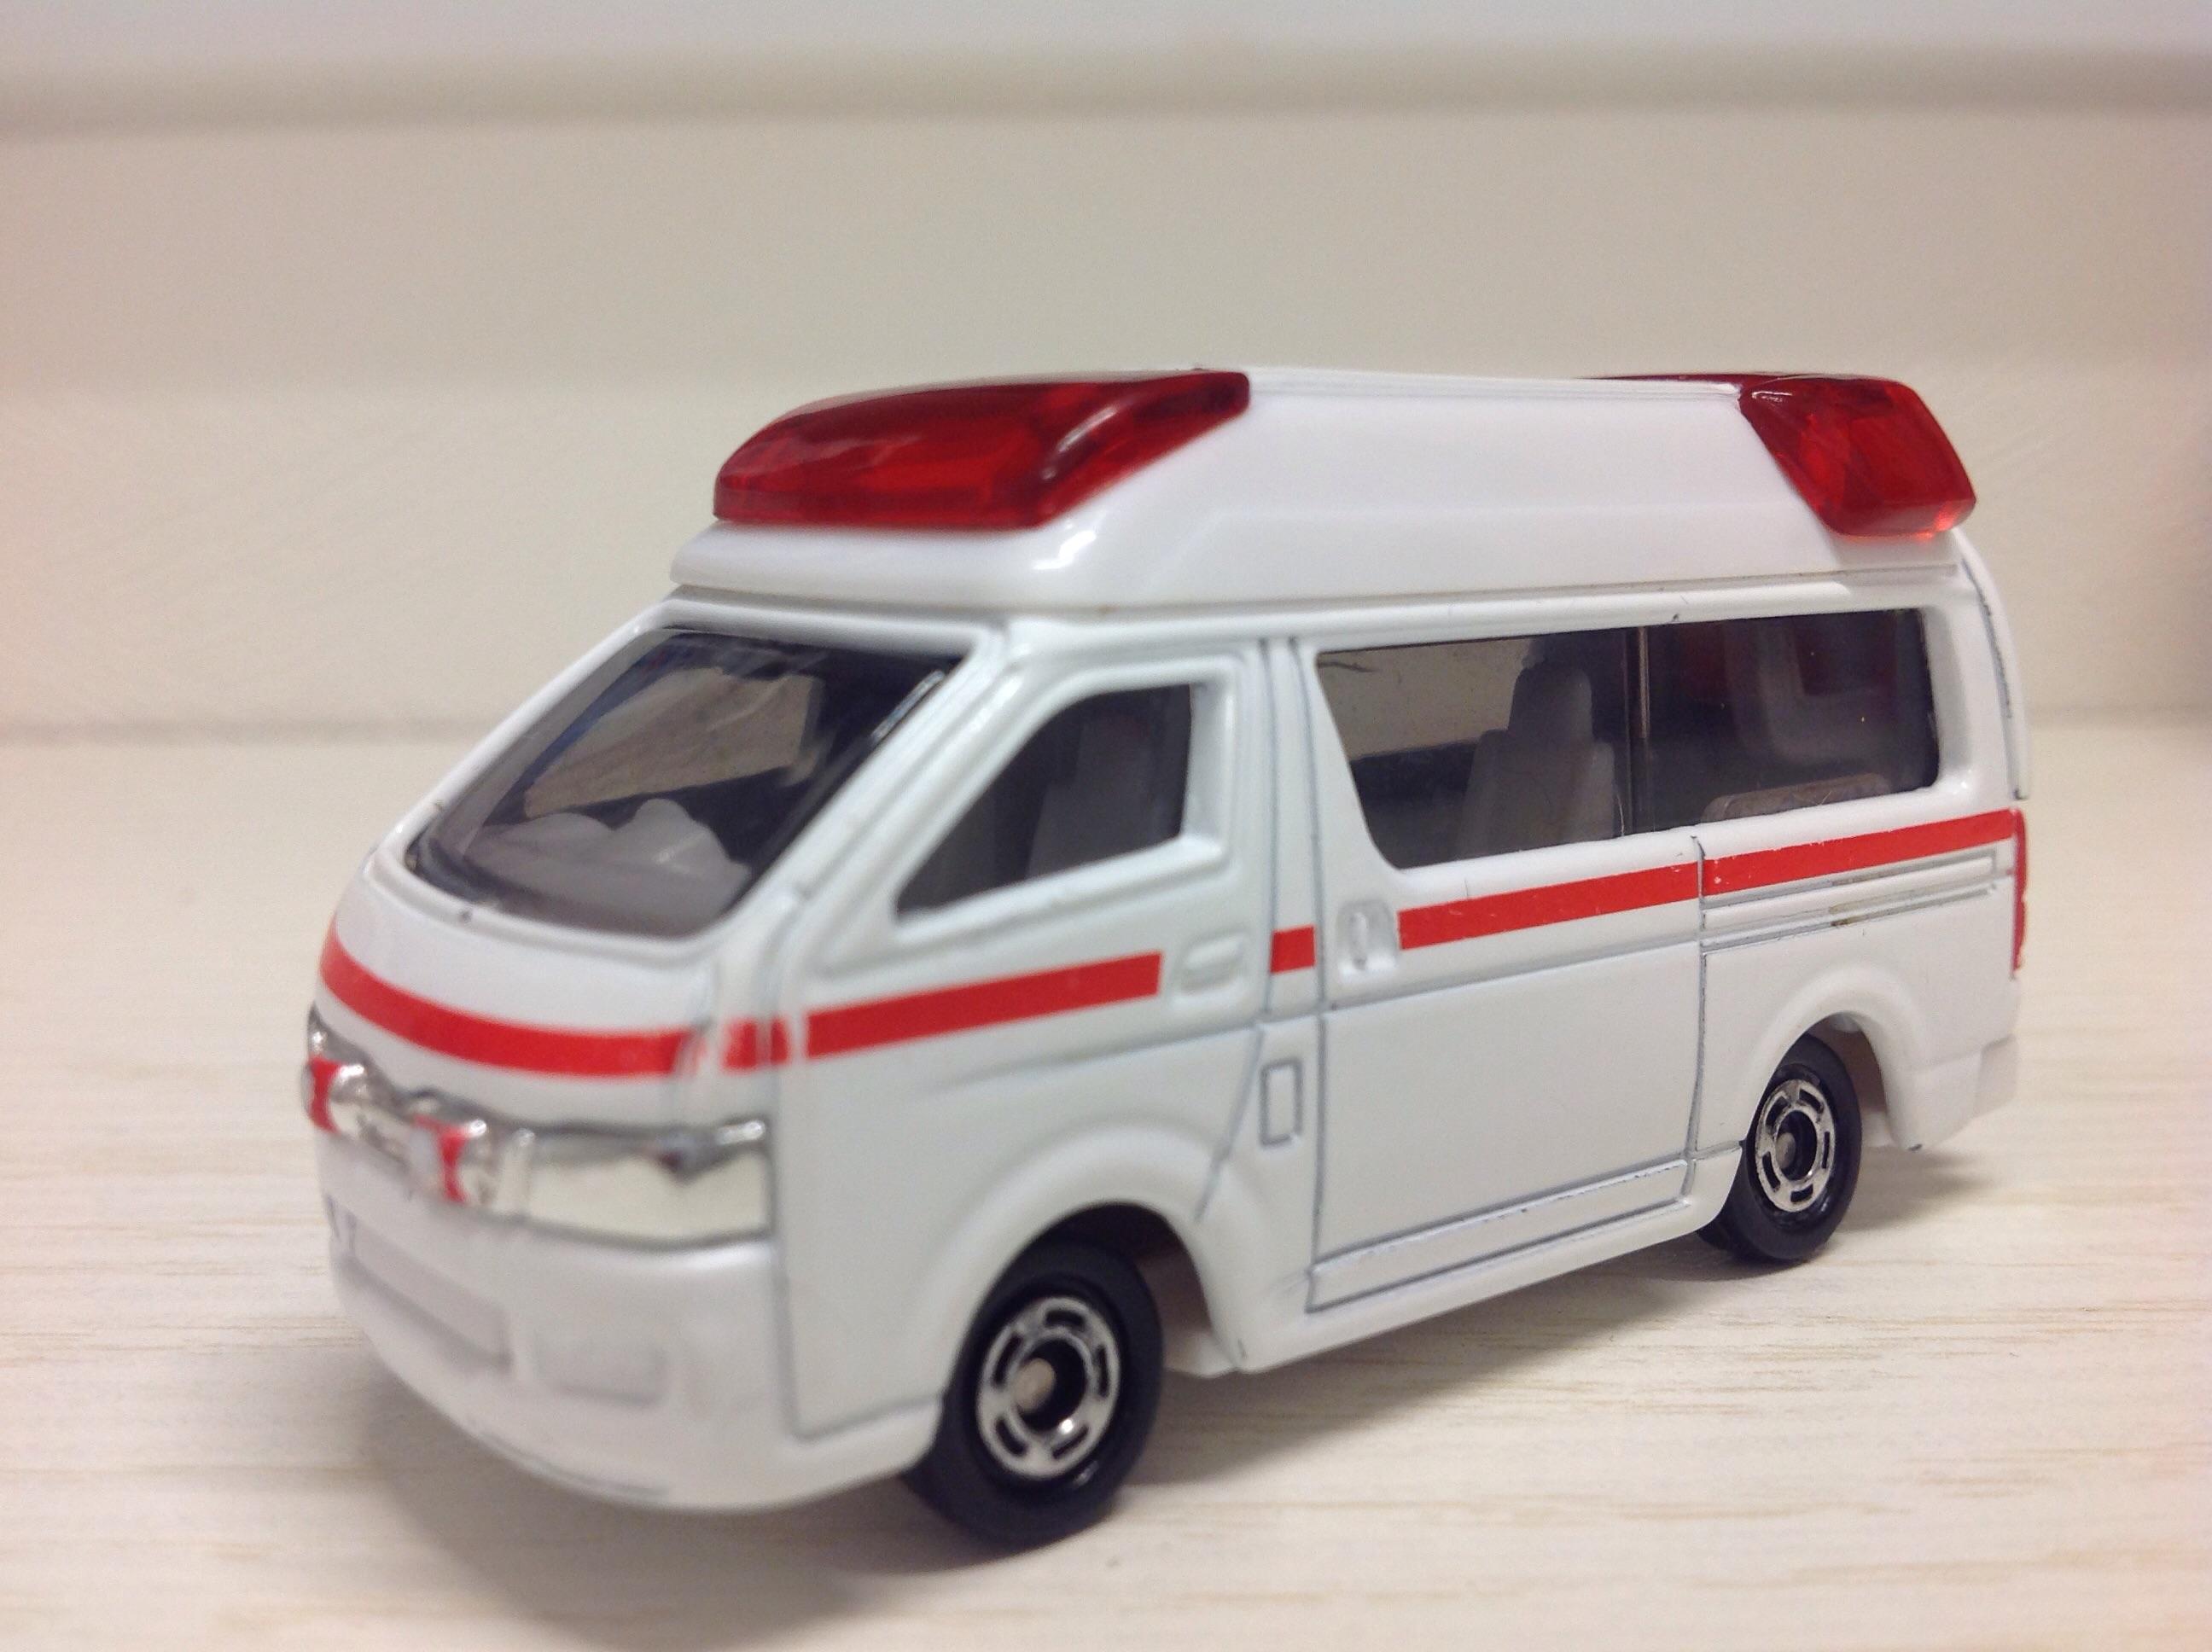 トミカNo.79・トヨタハイメディック救急車を親目線でレビューしてみる